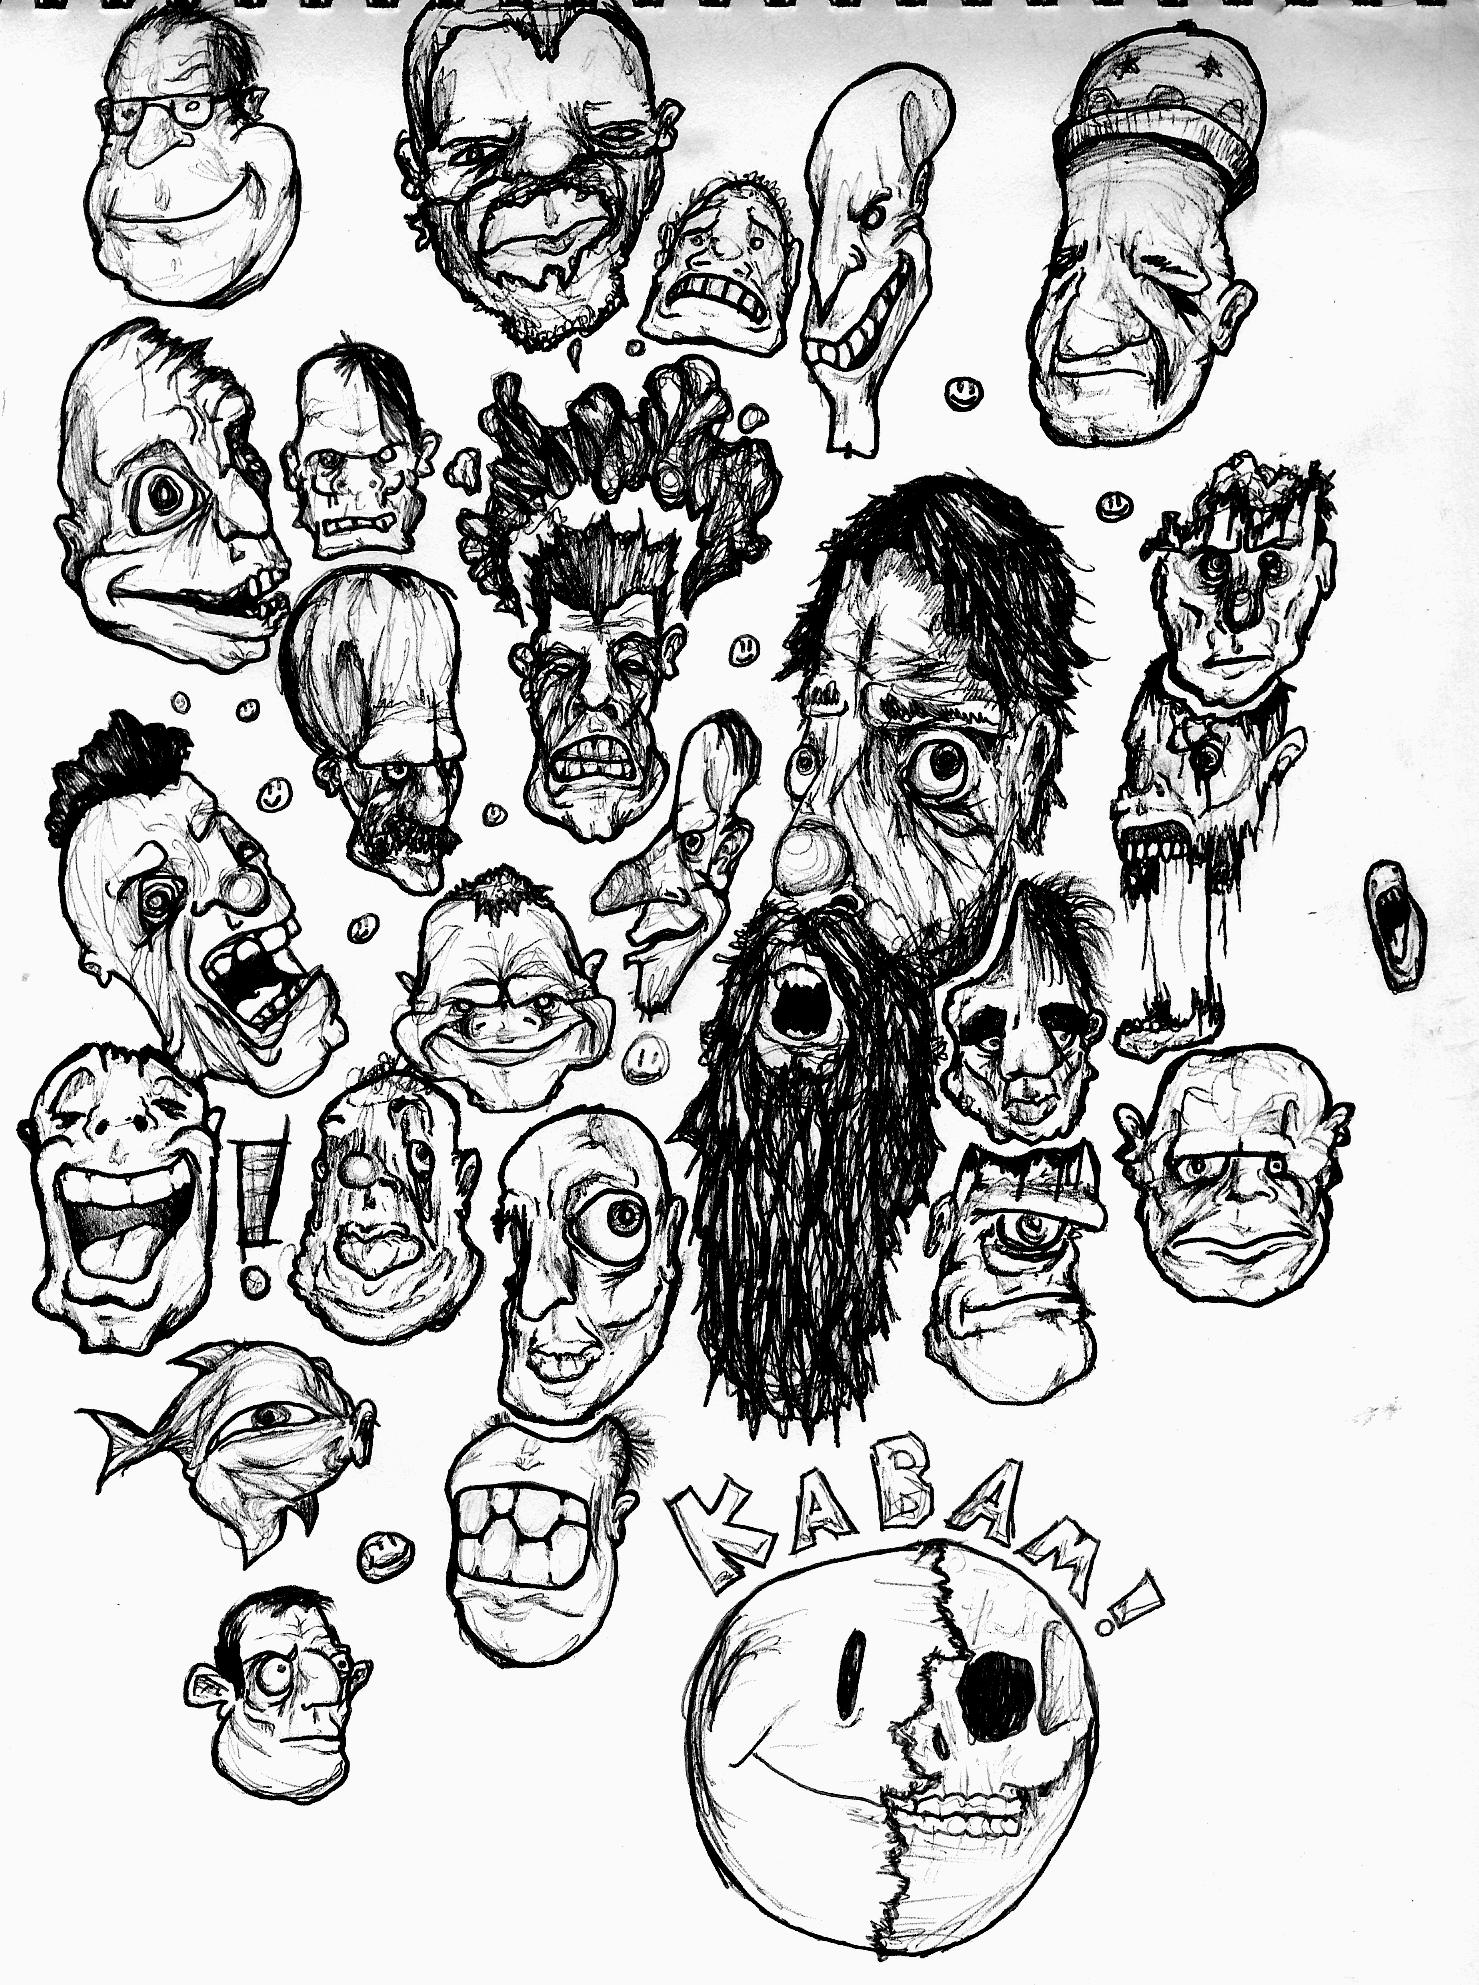 Faces n' Friends